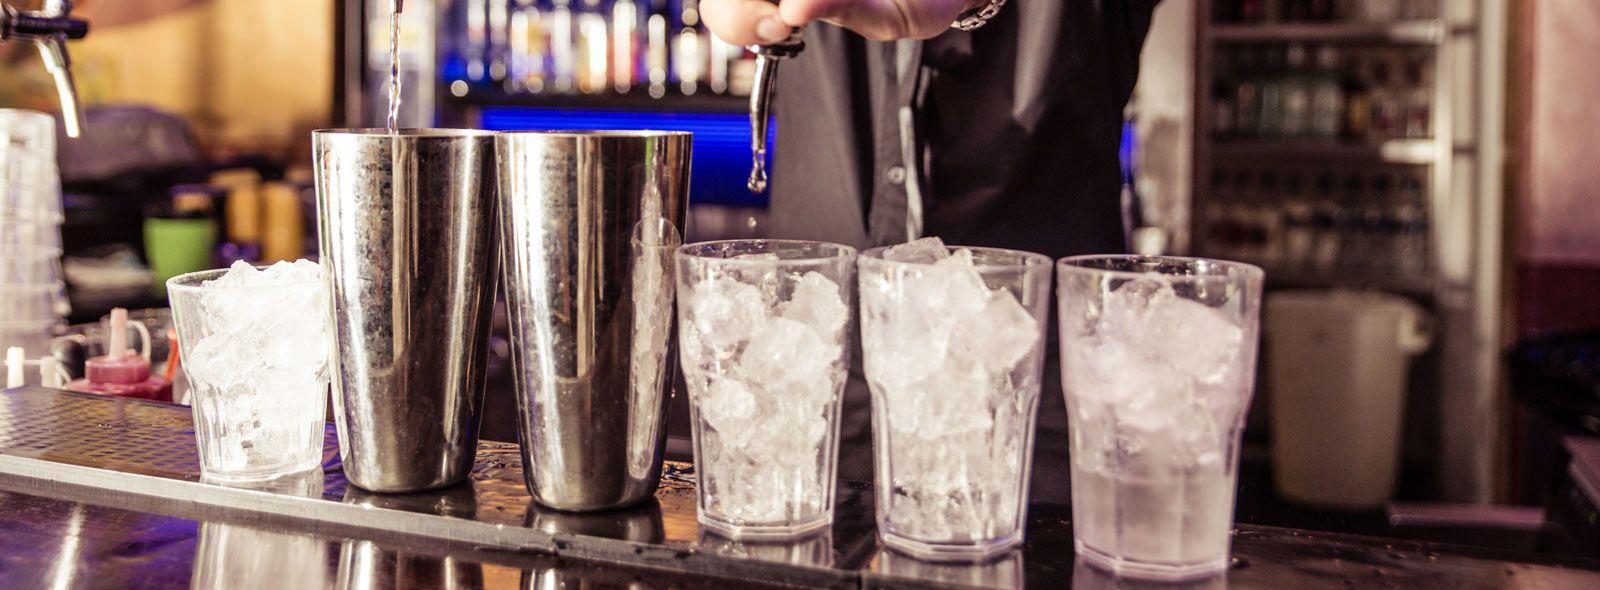 Quanto guadagna un barman